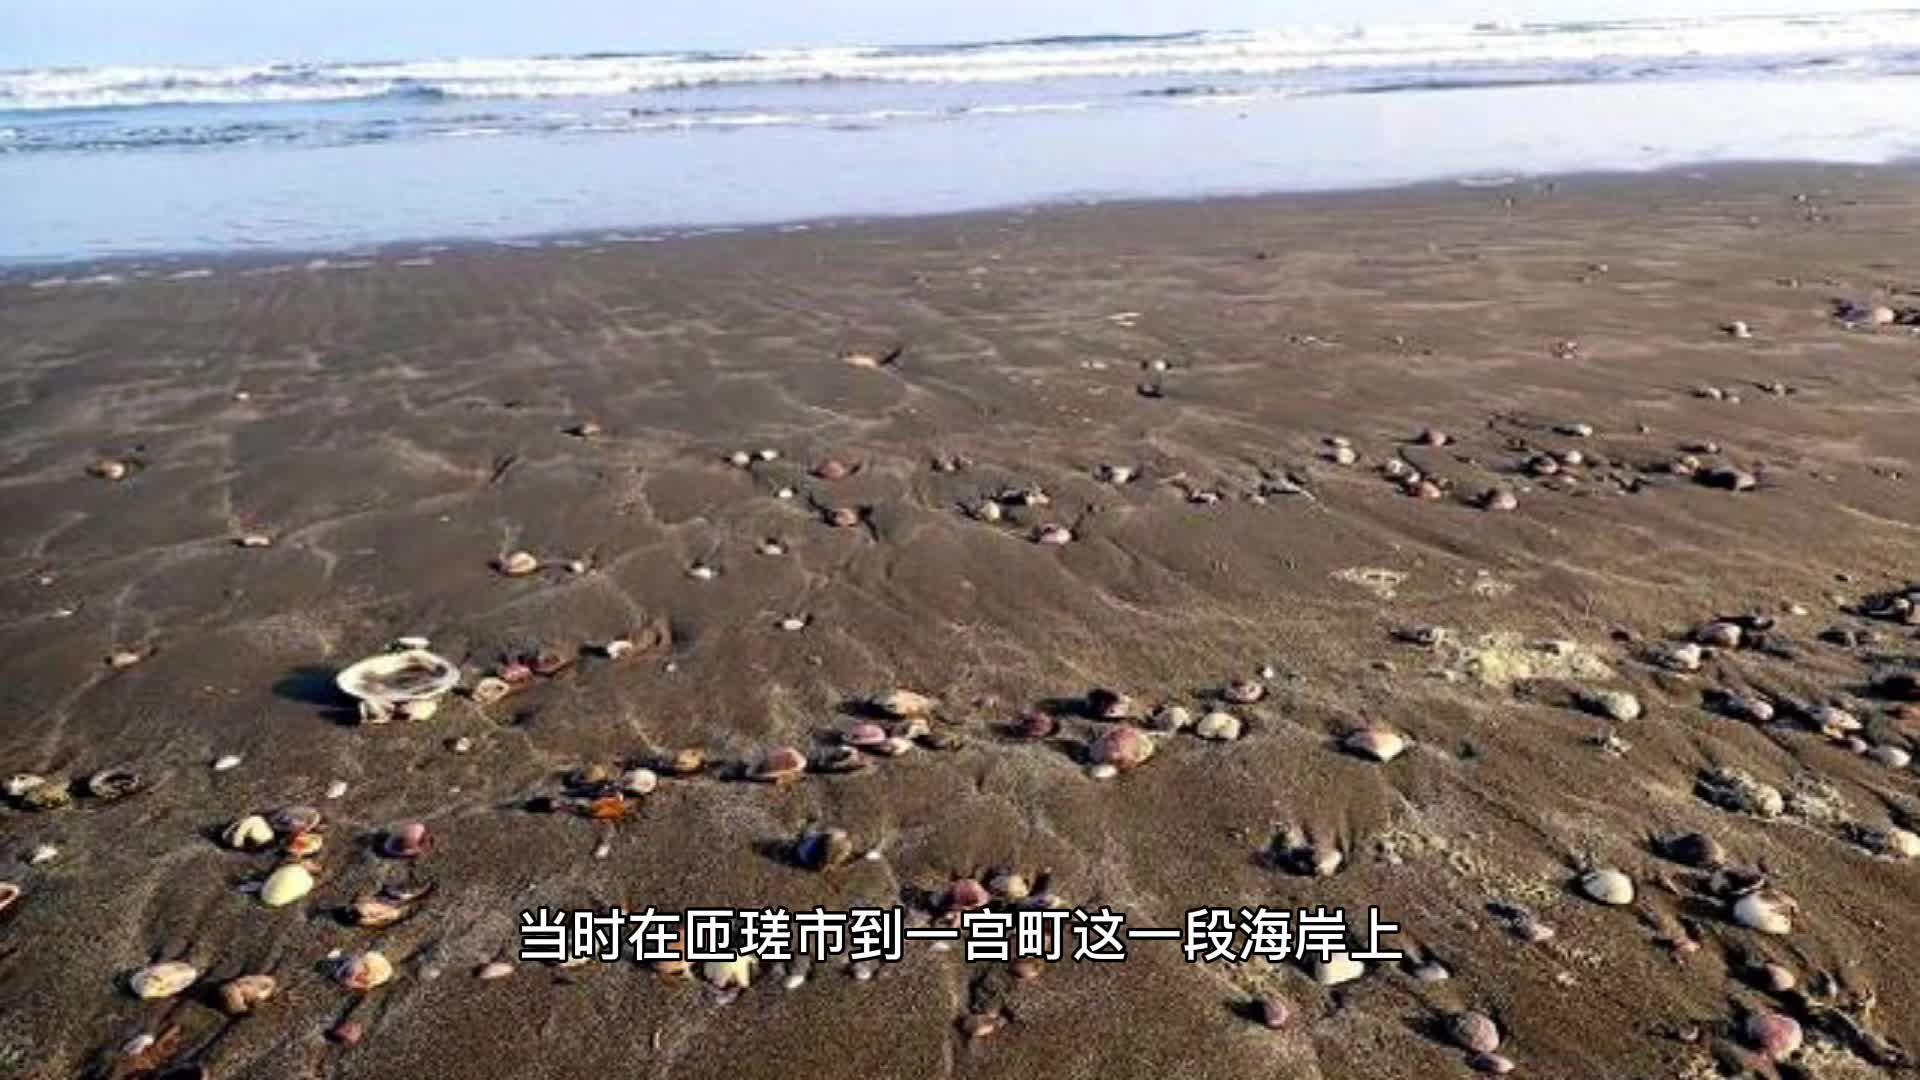 神奇!日本海边出现大量文蛤,民众不顾阻拦捡拾,有人联想到地震